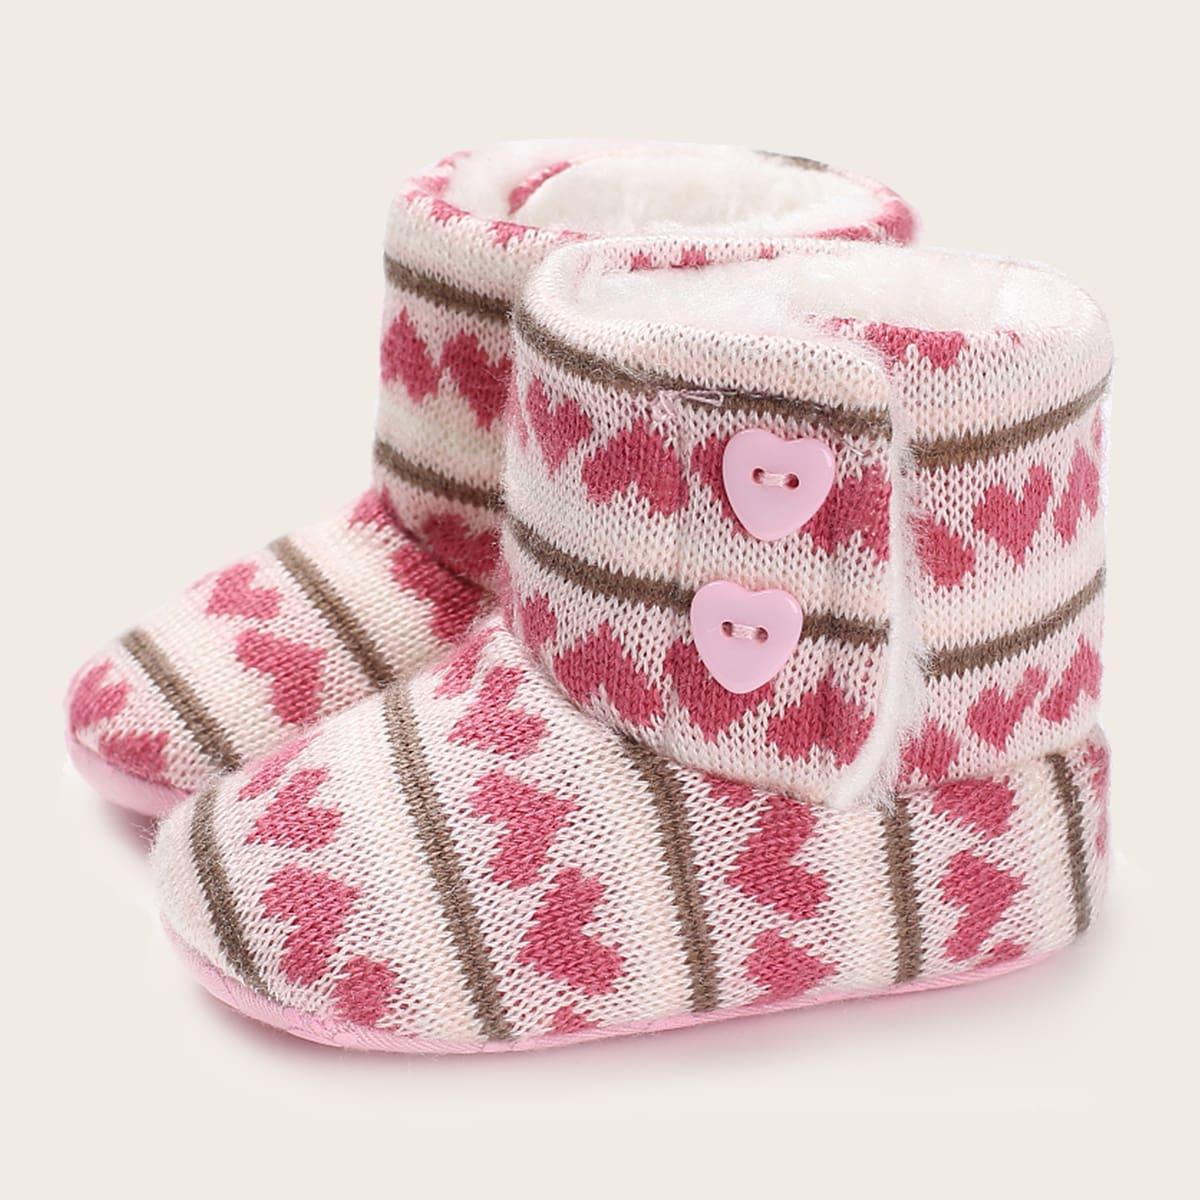 Теплые сапоги с принтом сердечка для девочек